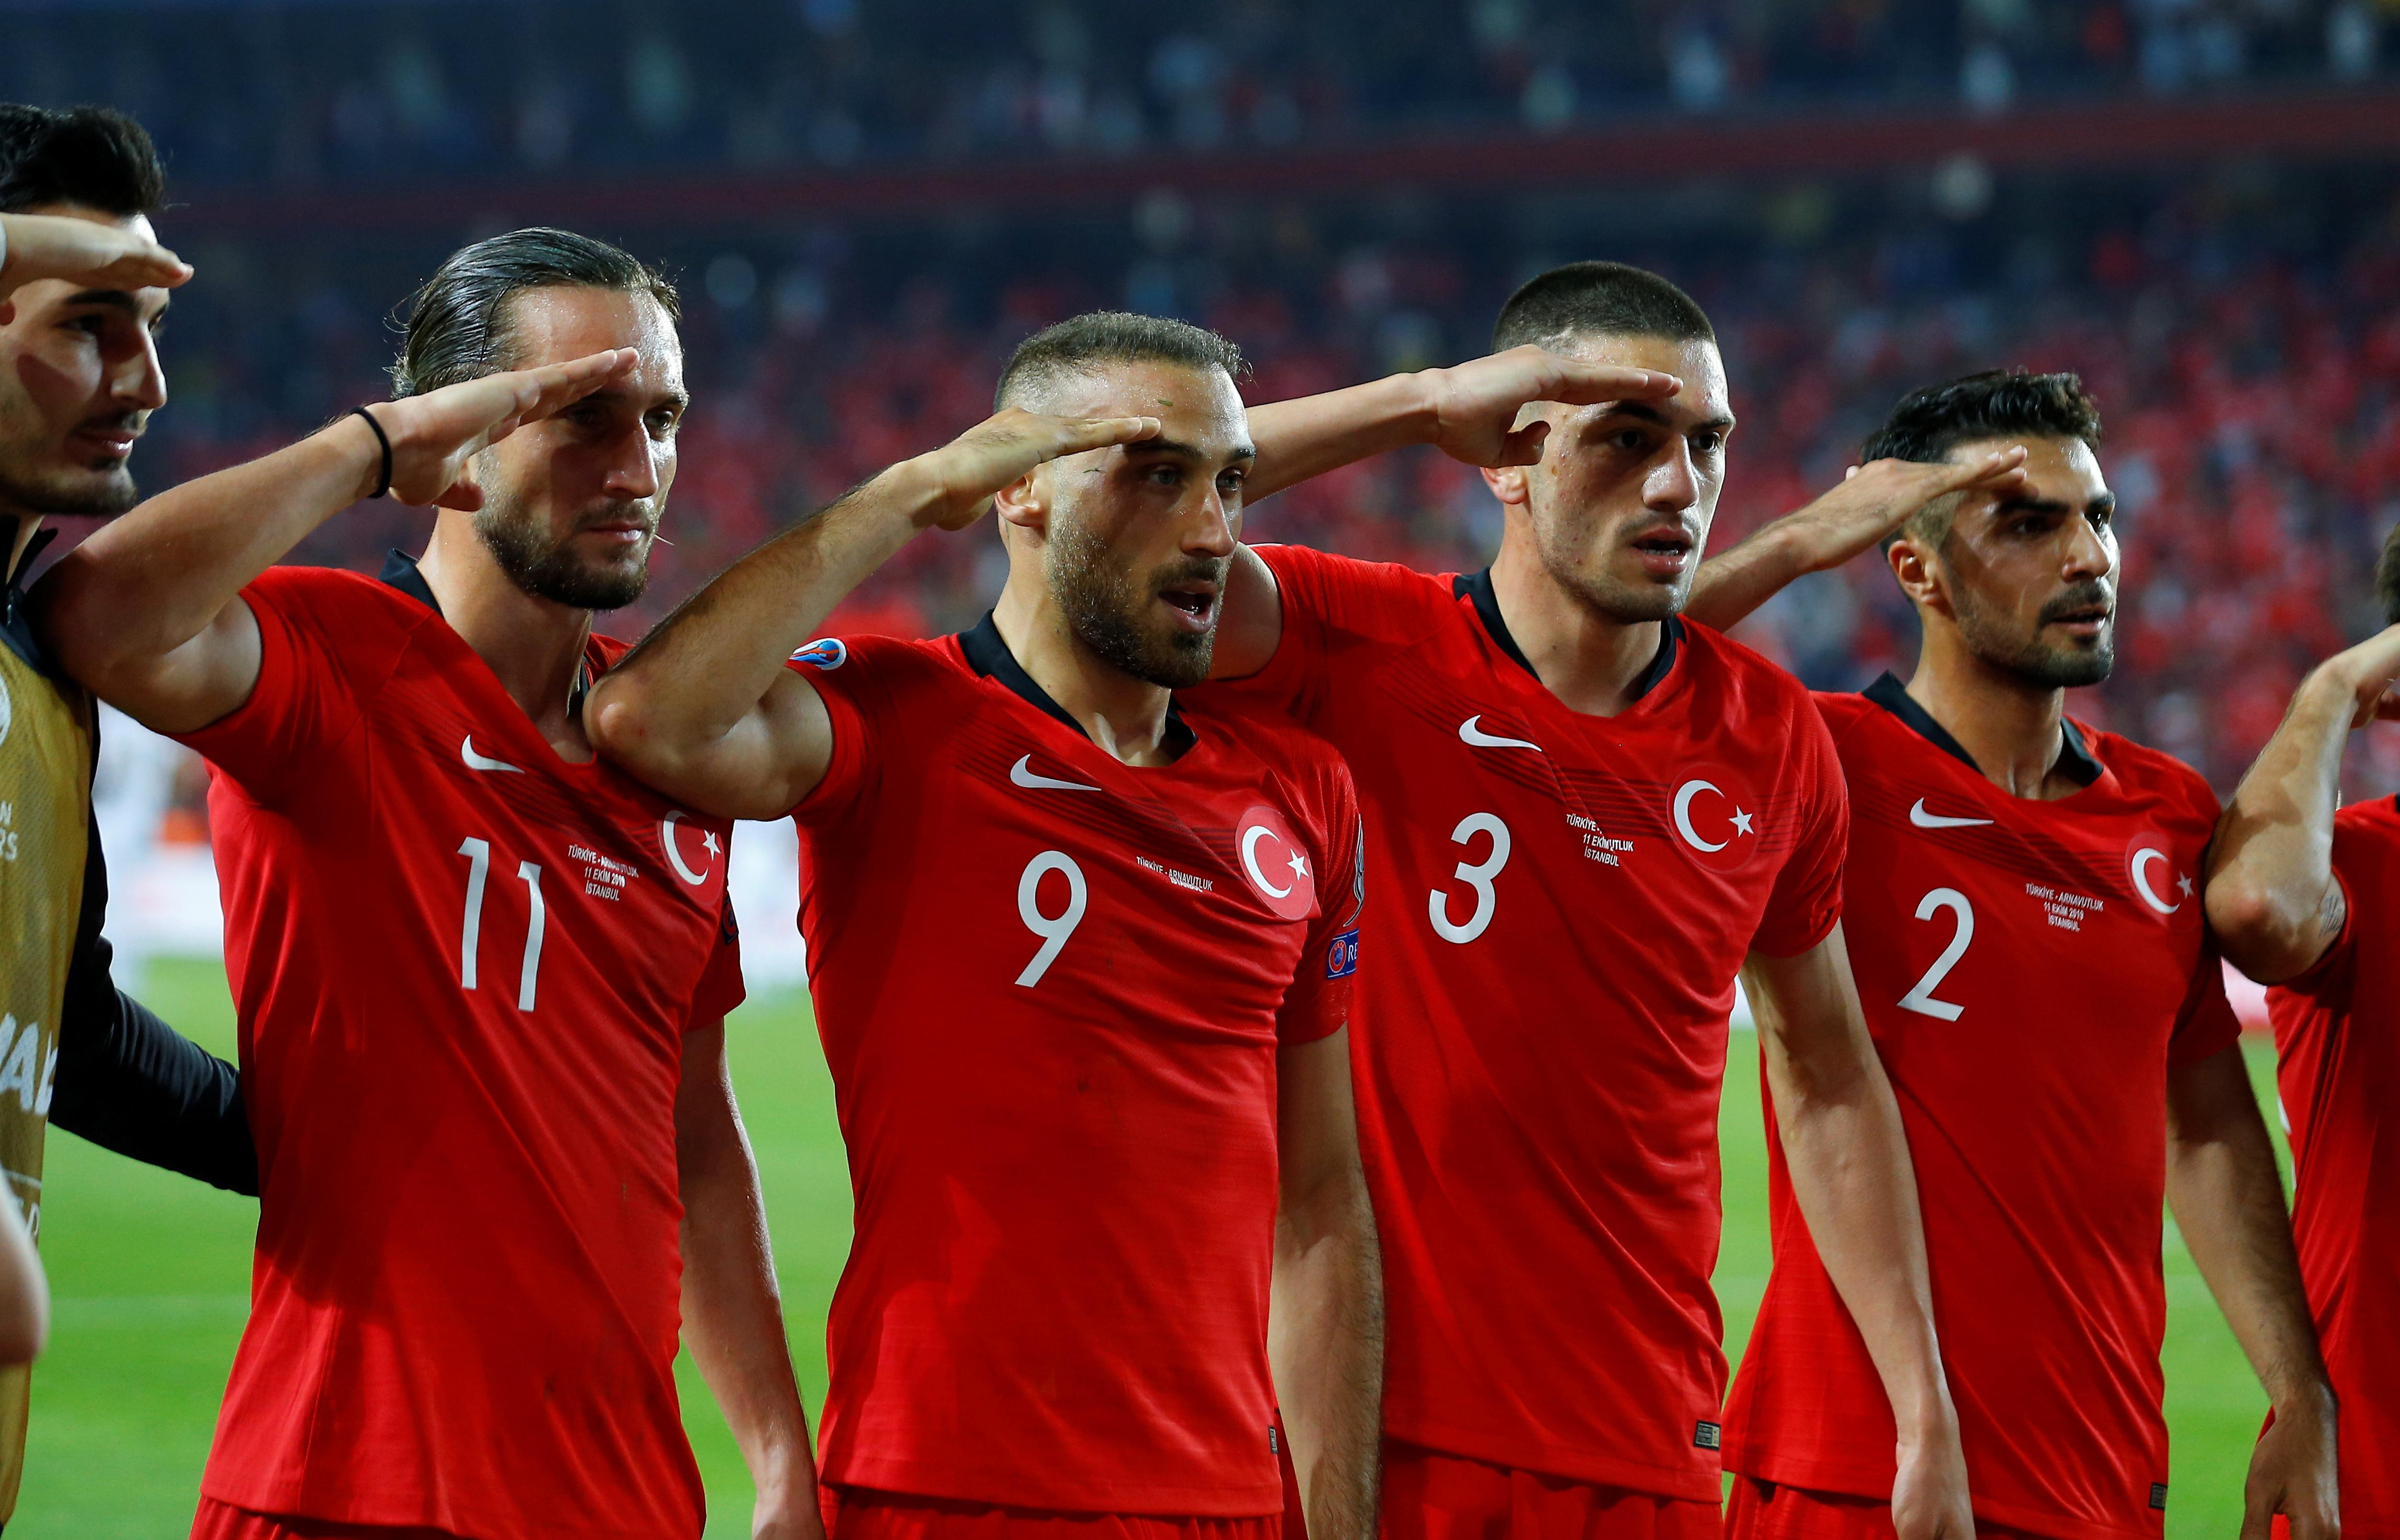 """Στο """"ραντάρ"""" της UEFA οι στρατιωτικοί χαιρετισμοί των Τούρκων! [pics]"""